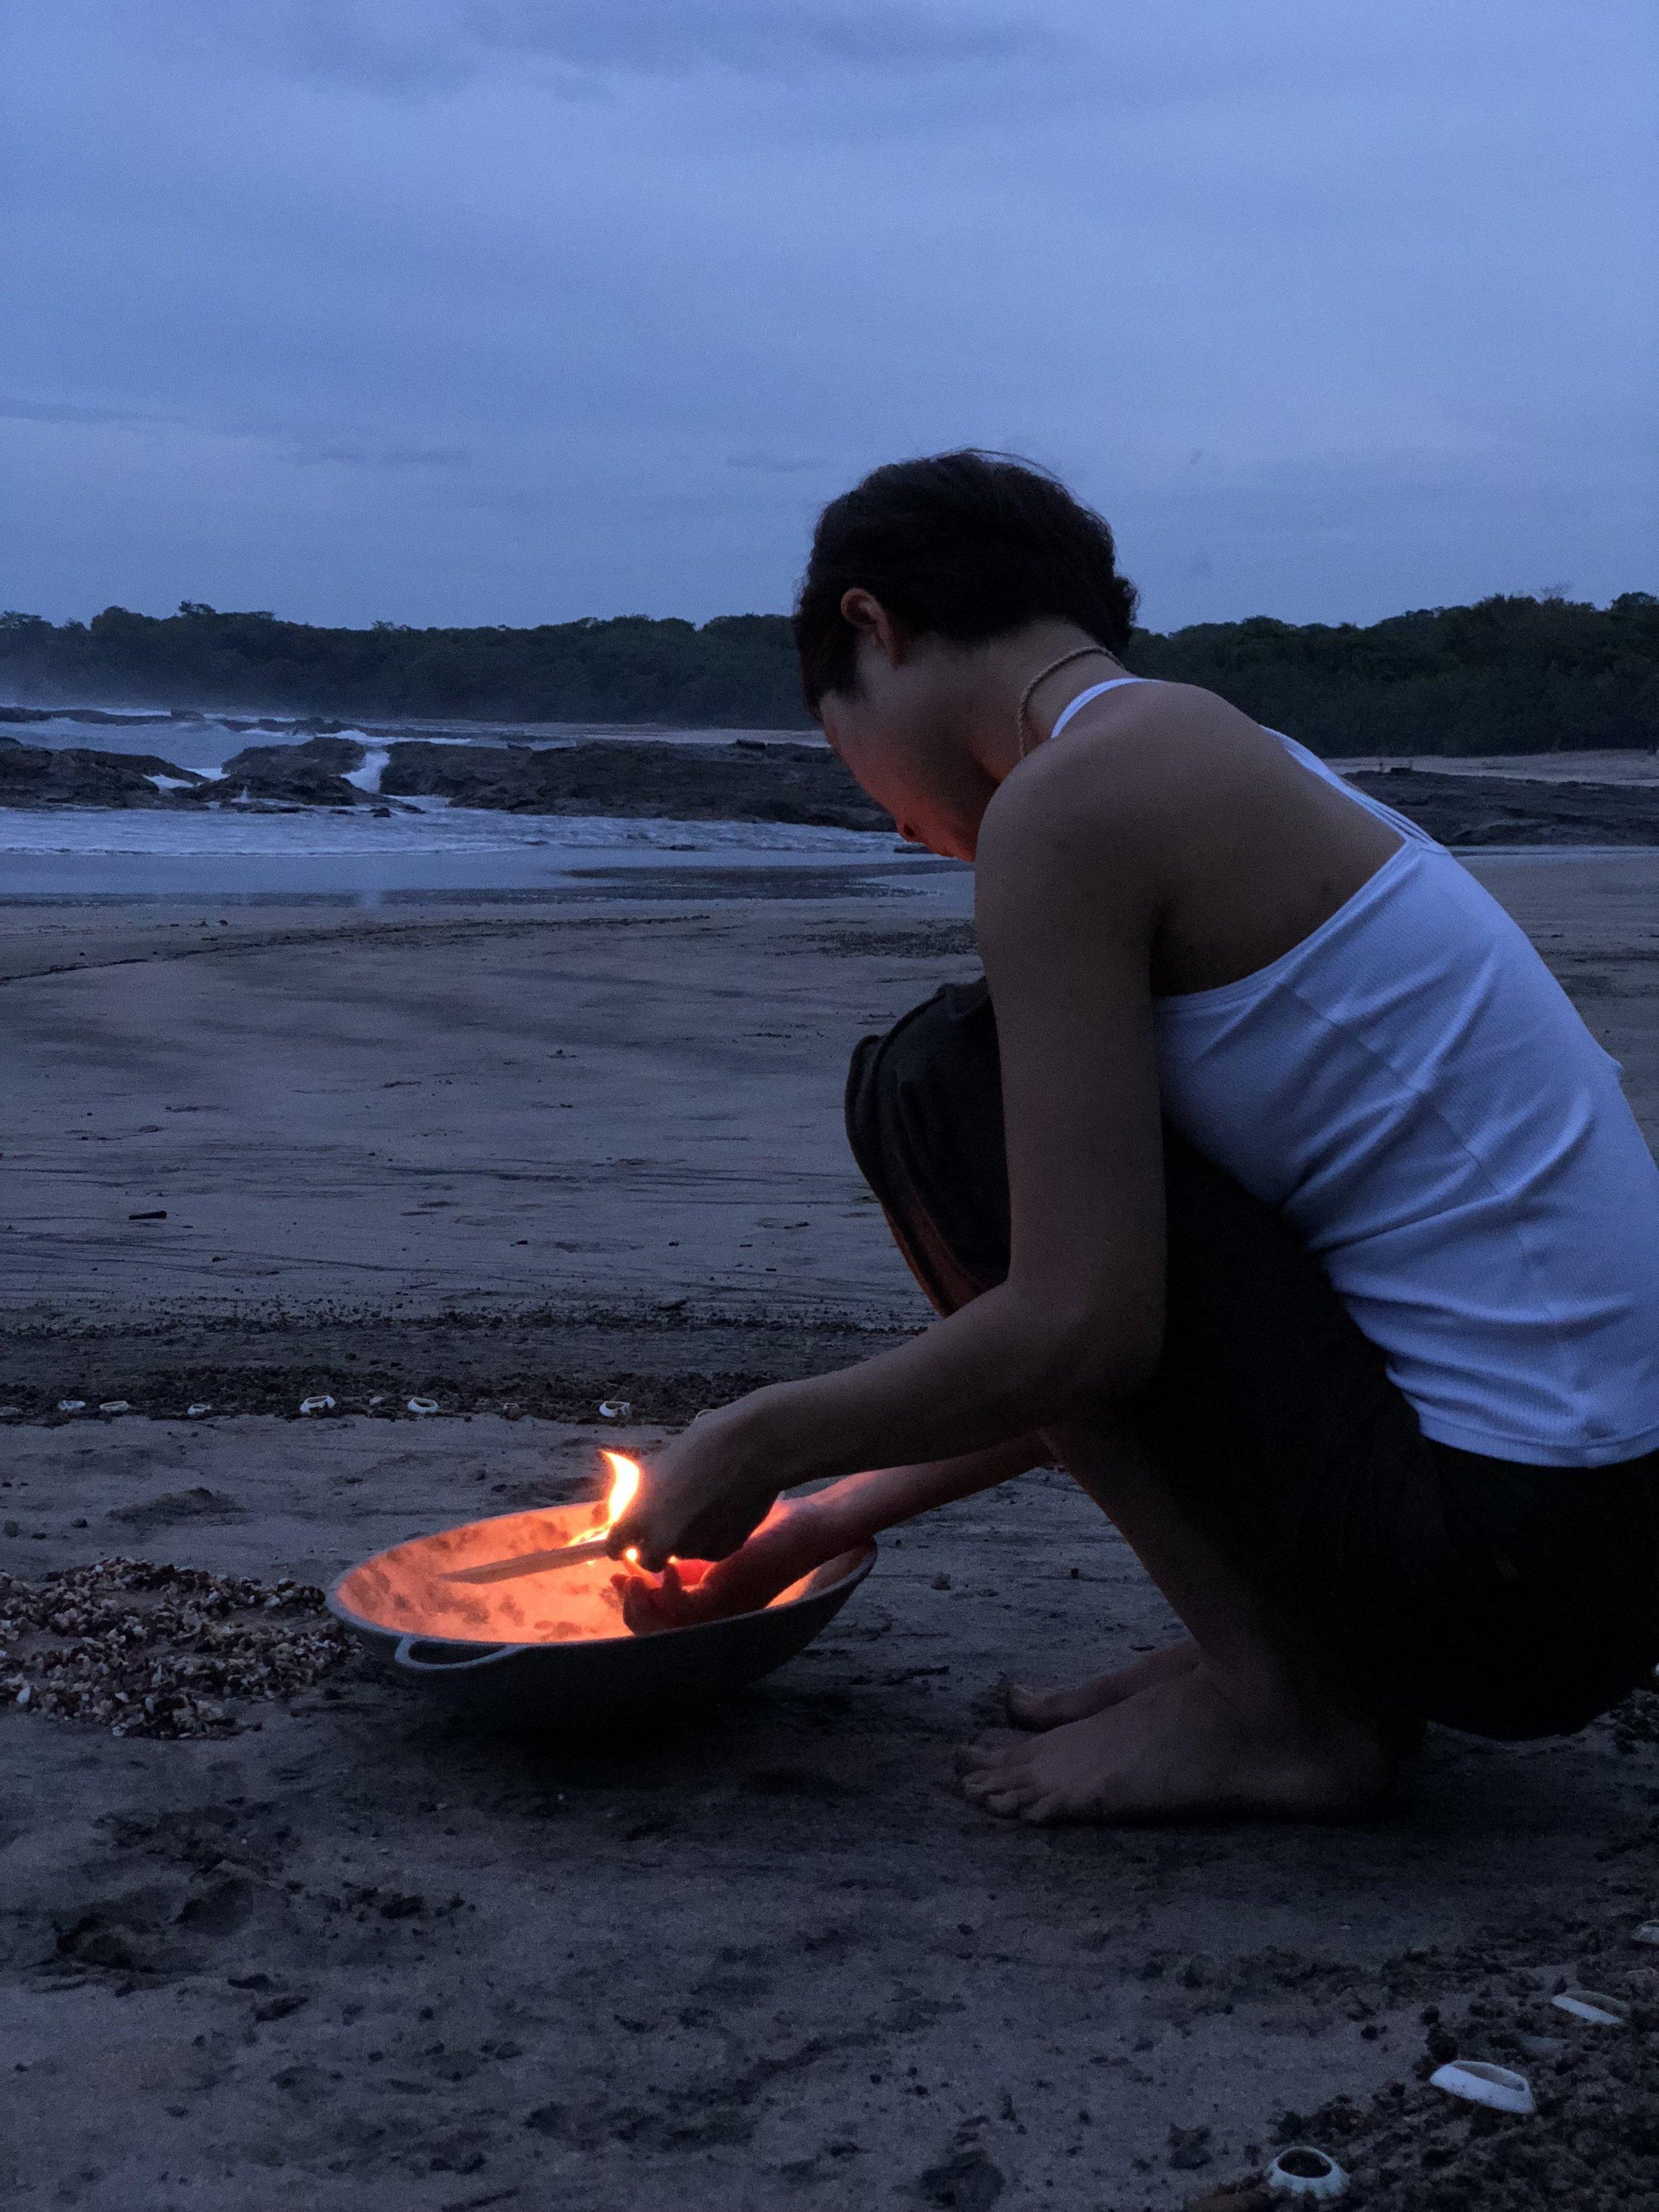 書き続けてきた、「解放したいこと」をラビリンスの体験の最後で、燃やしたり、海に流したりして自然に解き放ちました。こうやって心にスペースを作っていくのです。夜は、「感謝すること」などをジャーナル(日記)として書き出し、自分の内側を見つめるプラクティスを深めました。